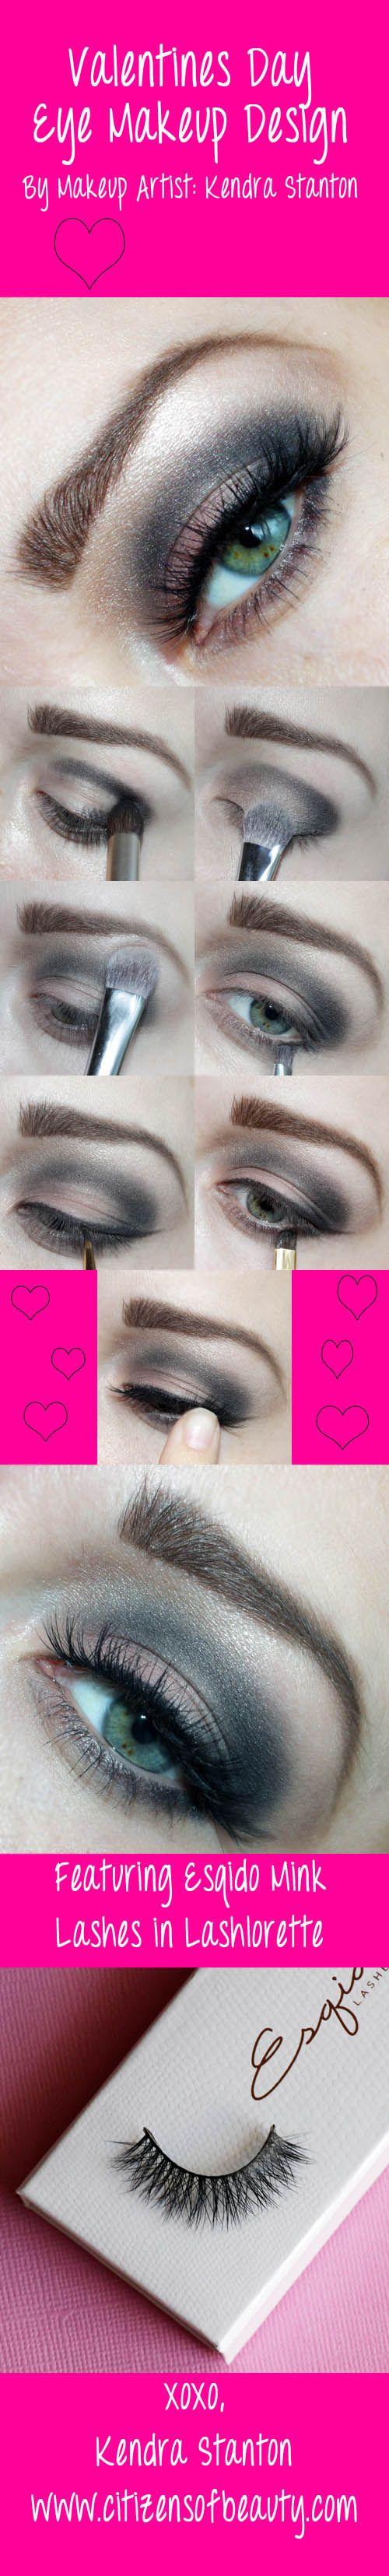 Valentines Day Eye Look 2: Featuring Esqido False Lashes #valentinesday #eyedesign #Eyes @citizensofbeauty @Ruth Estrada Planas-Shelton Cosmetics @ESQIDO Lashes Lashes Lashes